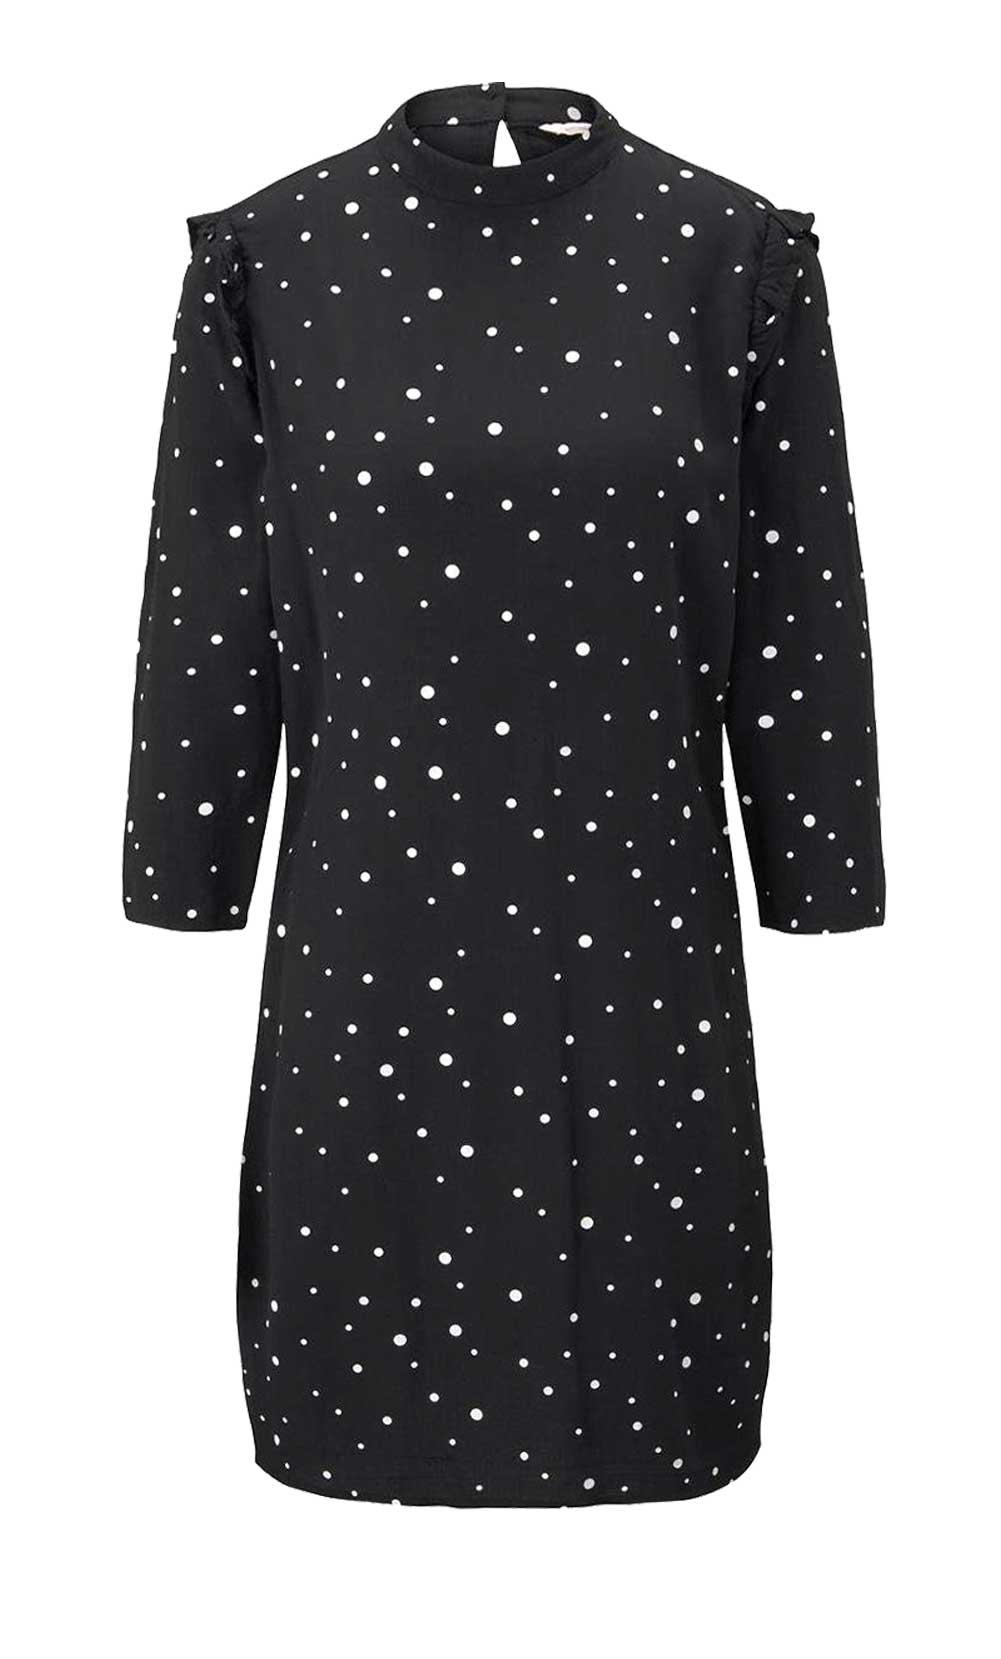 605.101 Kleid m. Rüschen, schwarz-weiß von Tom Tailor Denim Grösse S